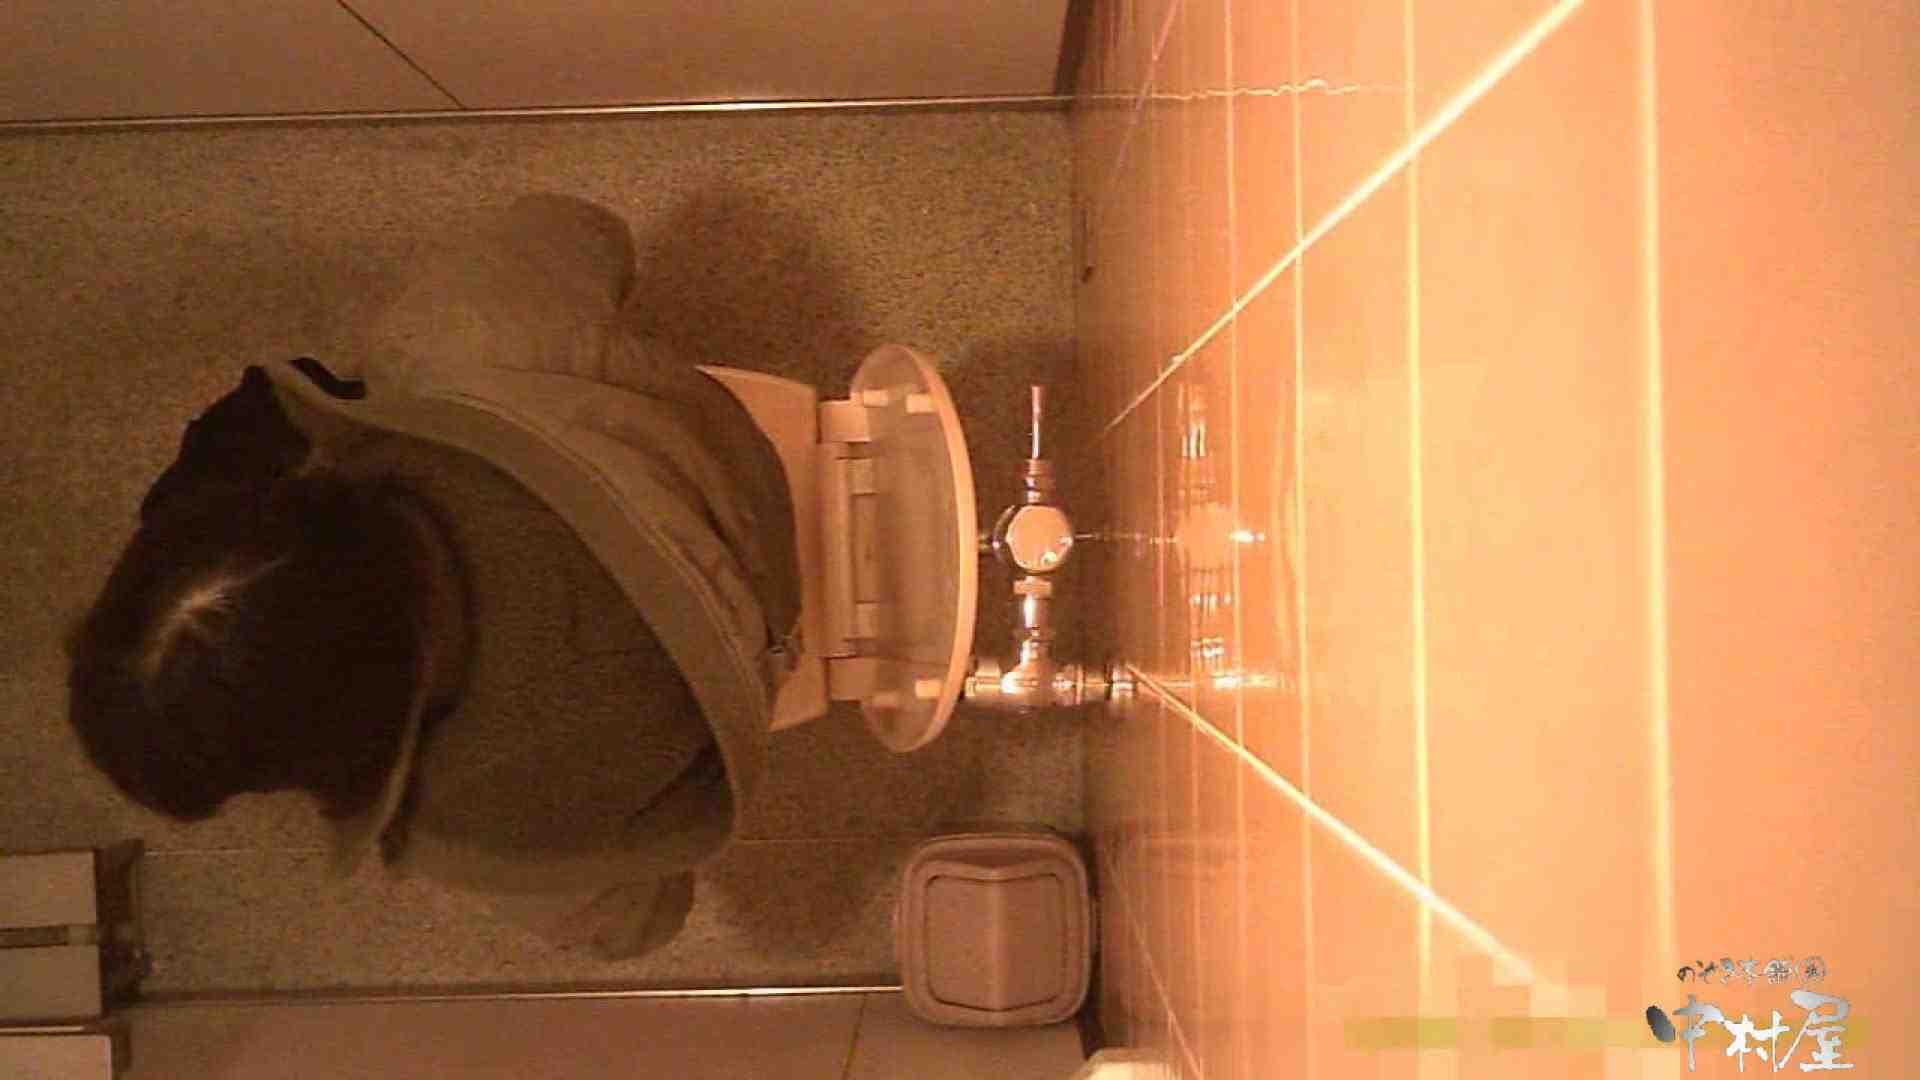 初盗撮!女盗撮師カレンさんの 潜入!女子トイレ盗撮!Vol.5 トイレ 盗み撮り動画キャプチャ 79枚 22